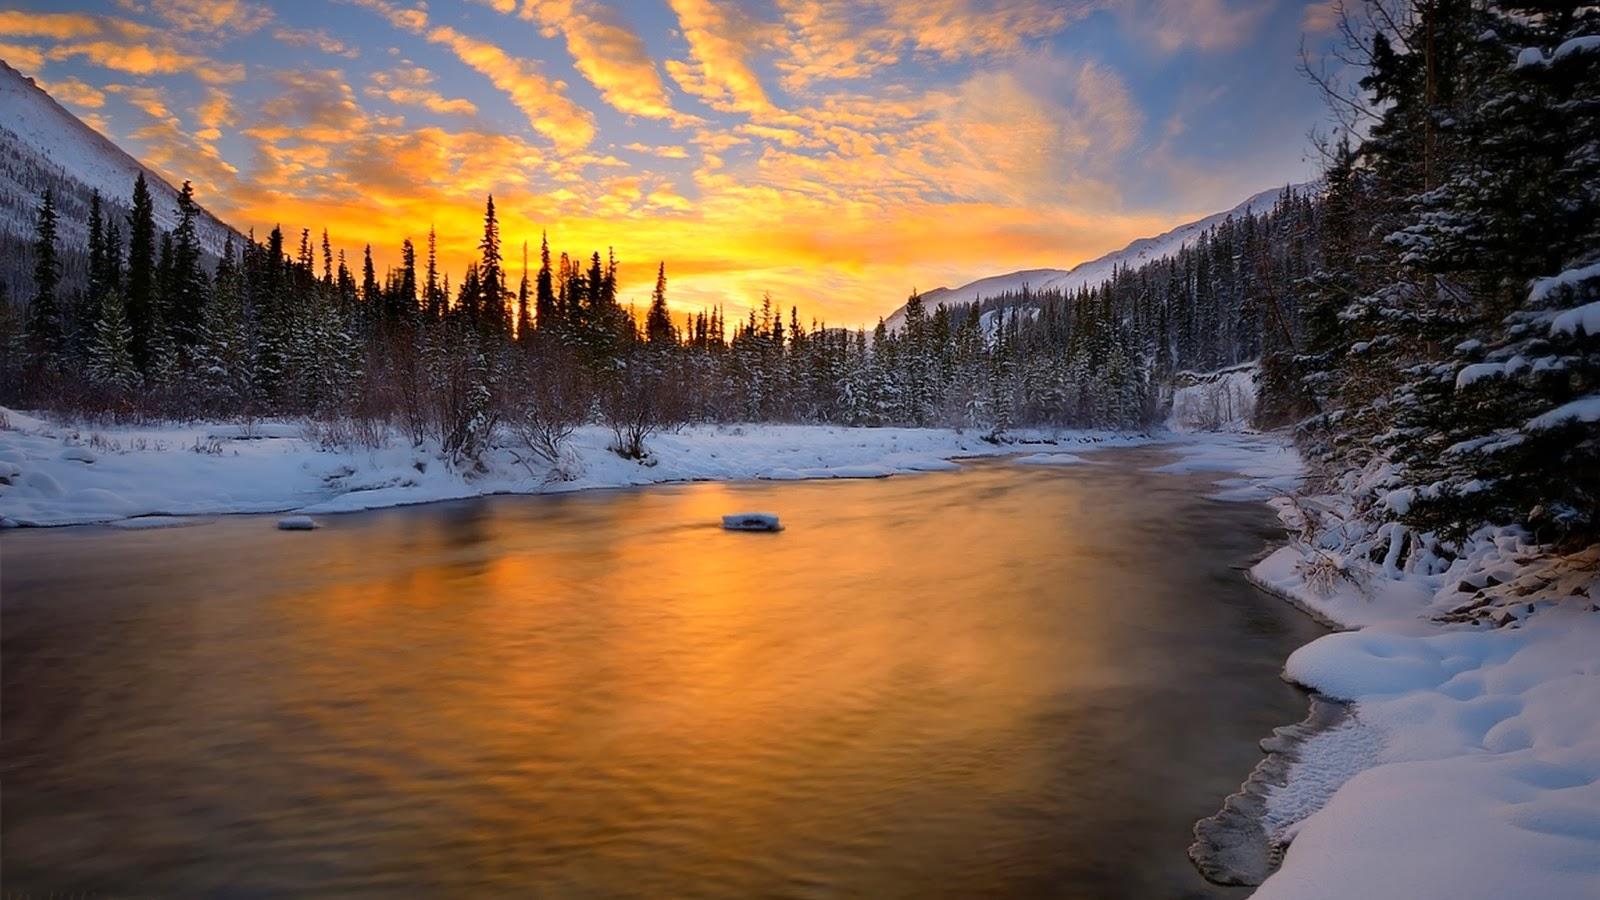 بالصور اجمل صور الطبيعة , صور جميلة جدا للطبيعة 5961 7